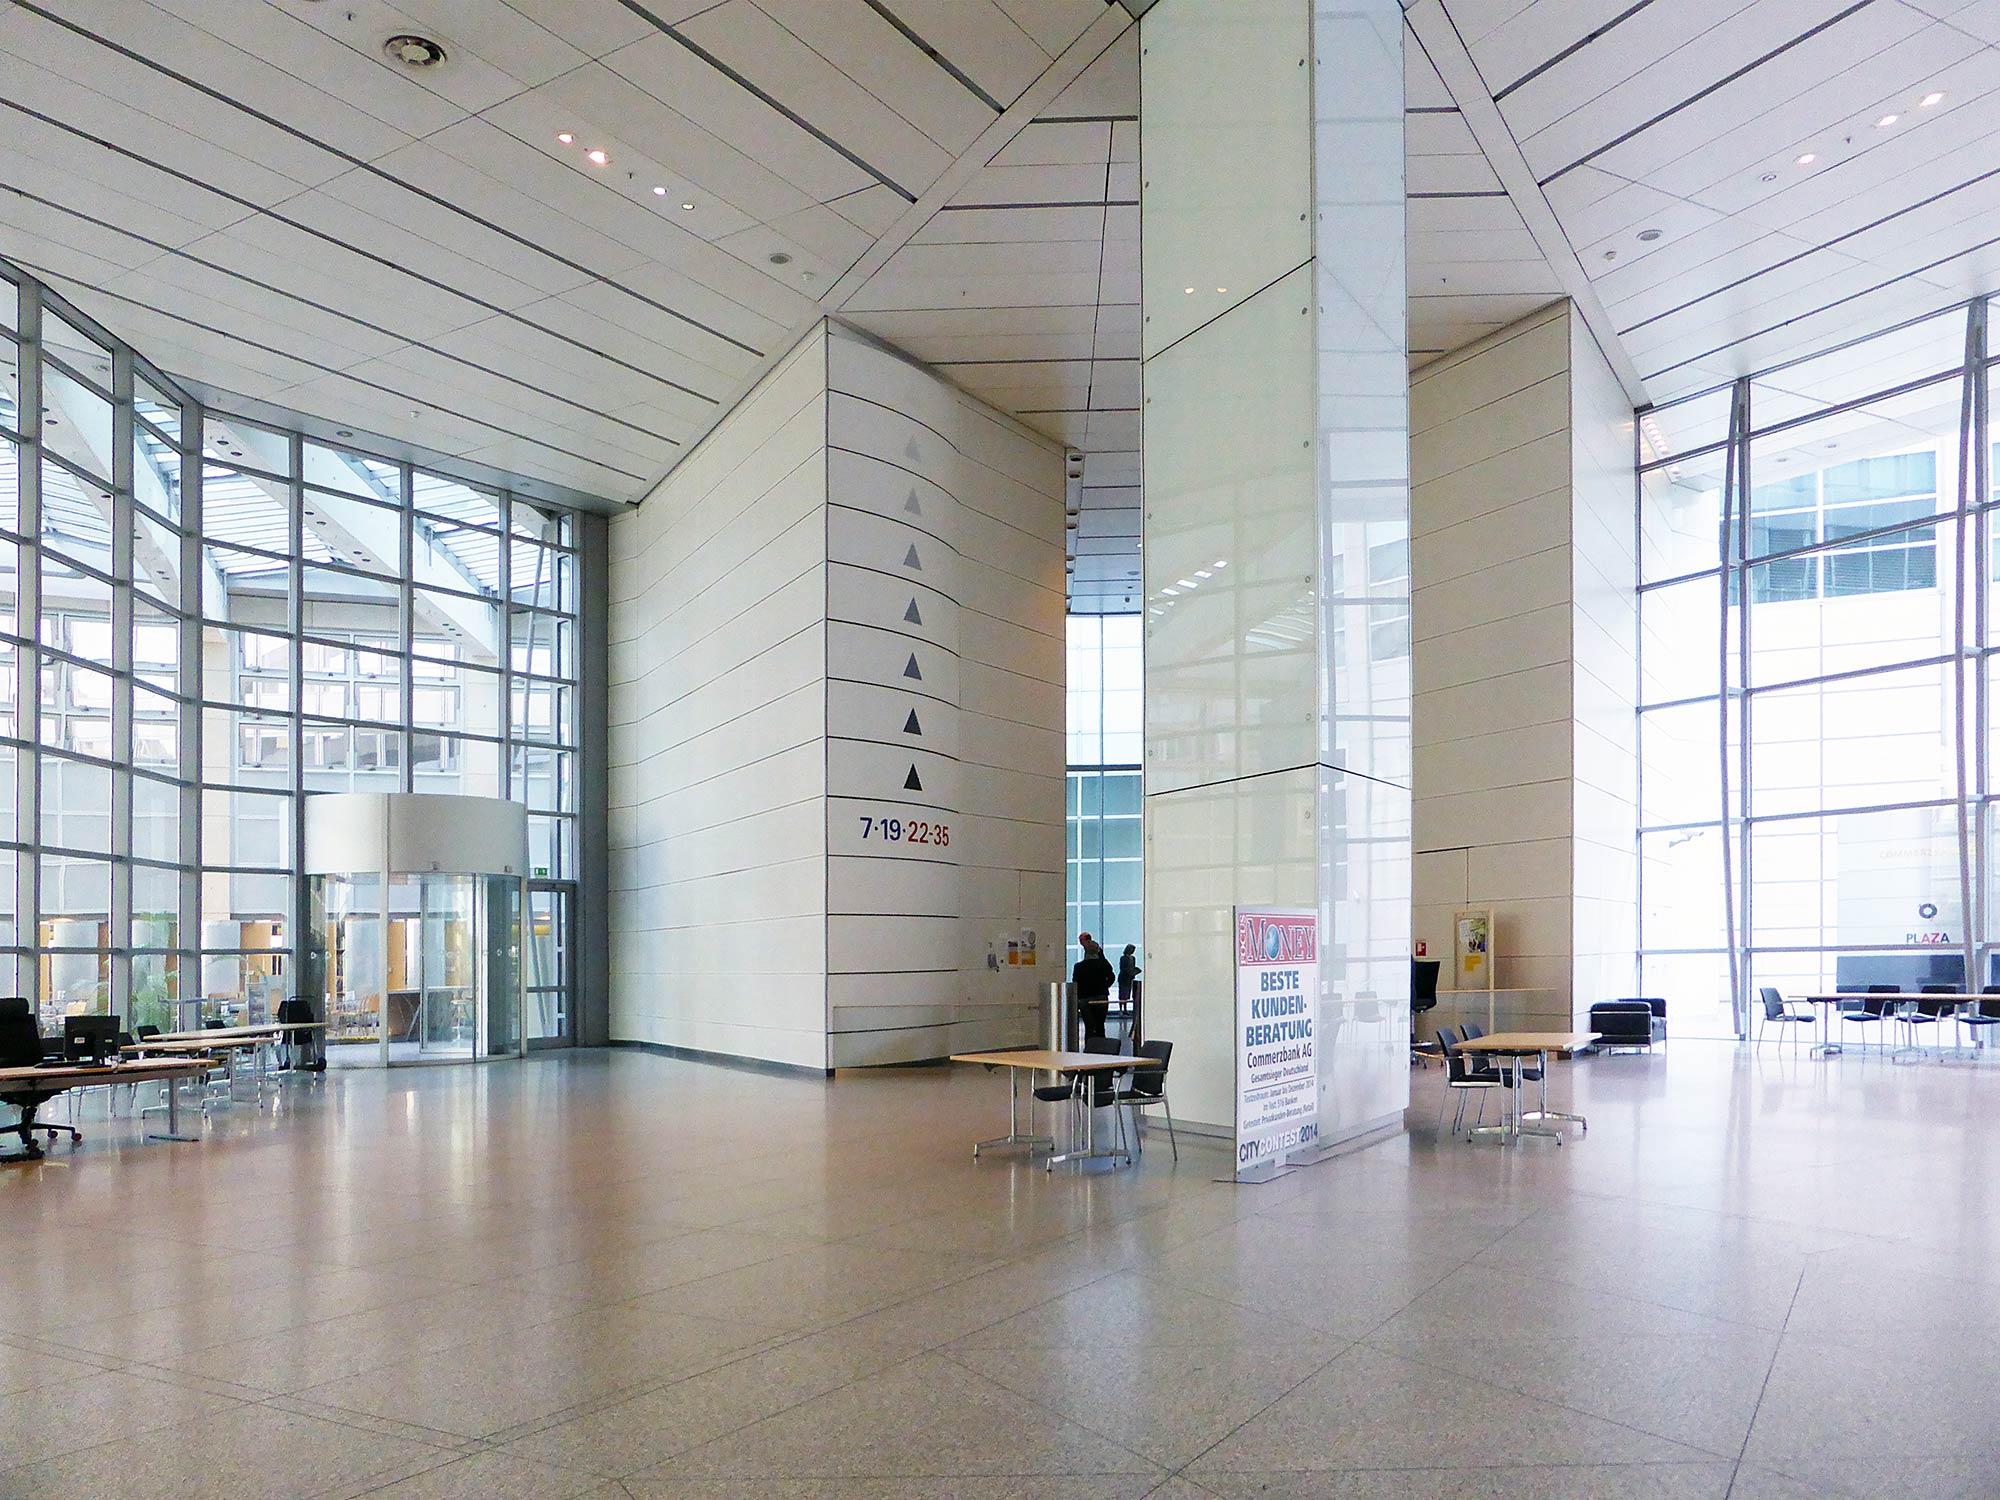 Commerzbank Frankfurt - Commerzbank Hauptquartier - Eingangshalle - Lobby vom Commerzbank Bankenturm